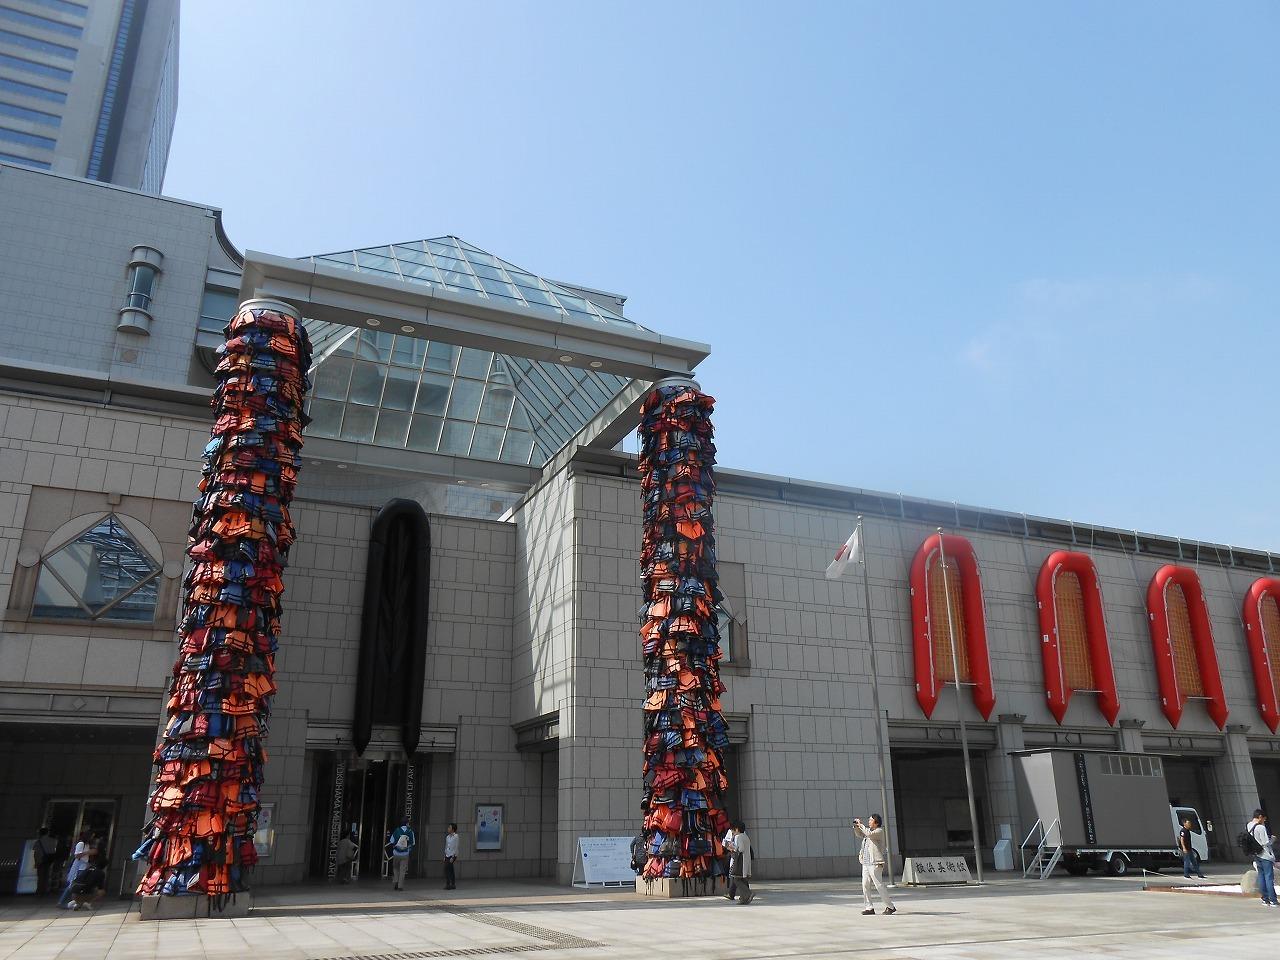 横浜美術館入口 アイ・ウェイウェイ(艾未未)《安全な通行》2016、《Reframe》2016 ⓒAi Weiwei Studio